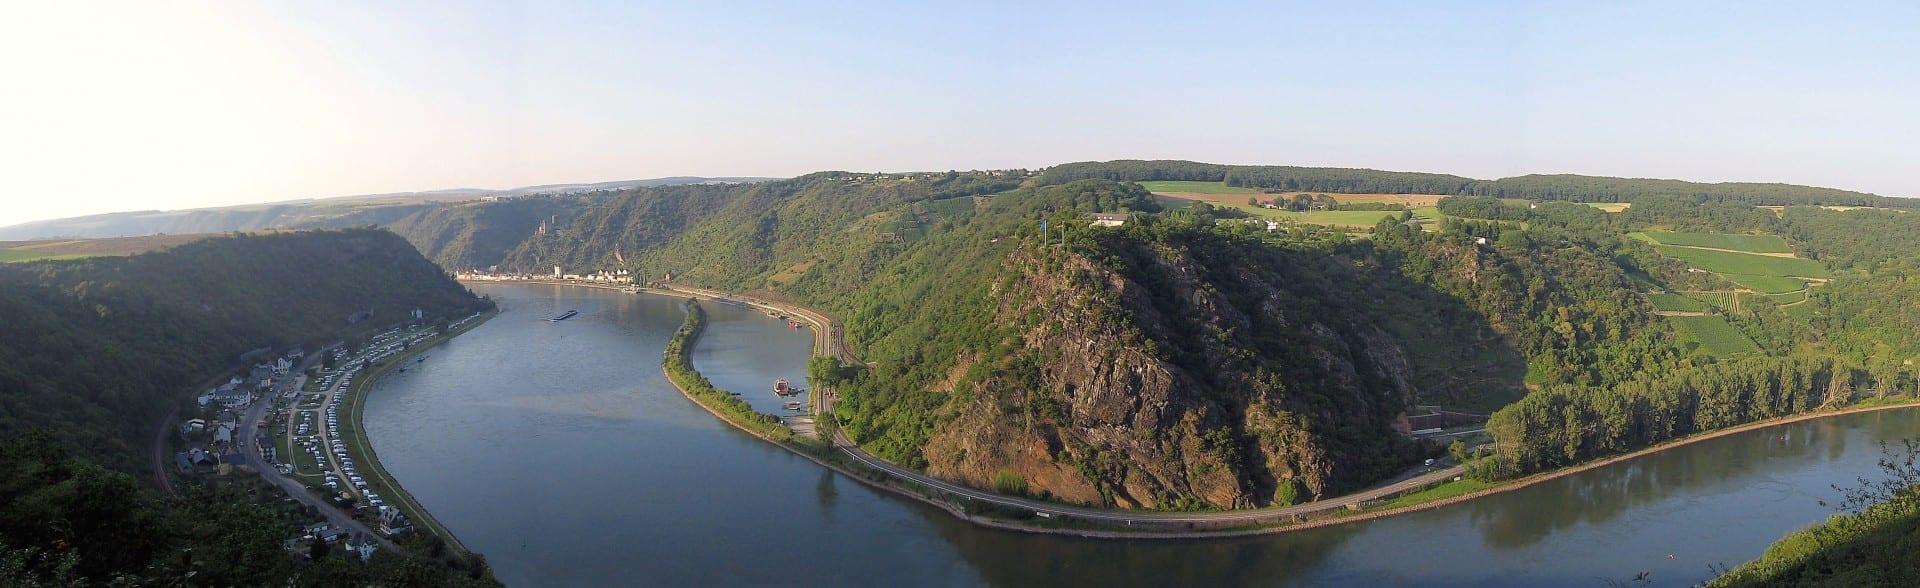 Lorely vista panorámica desde el lado izquierdo del Rin Sankt Goar Alemania